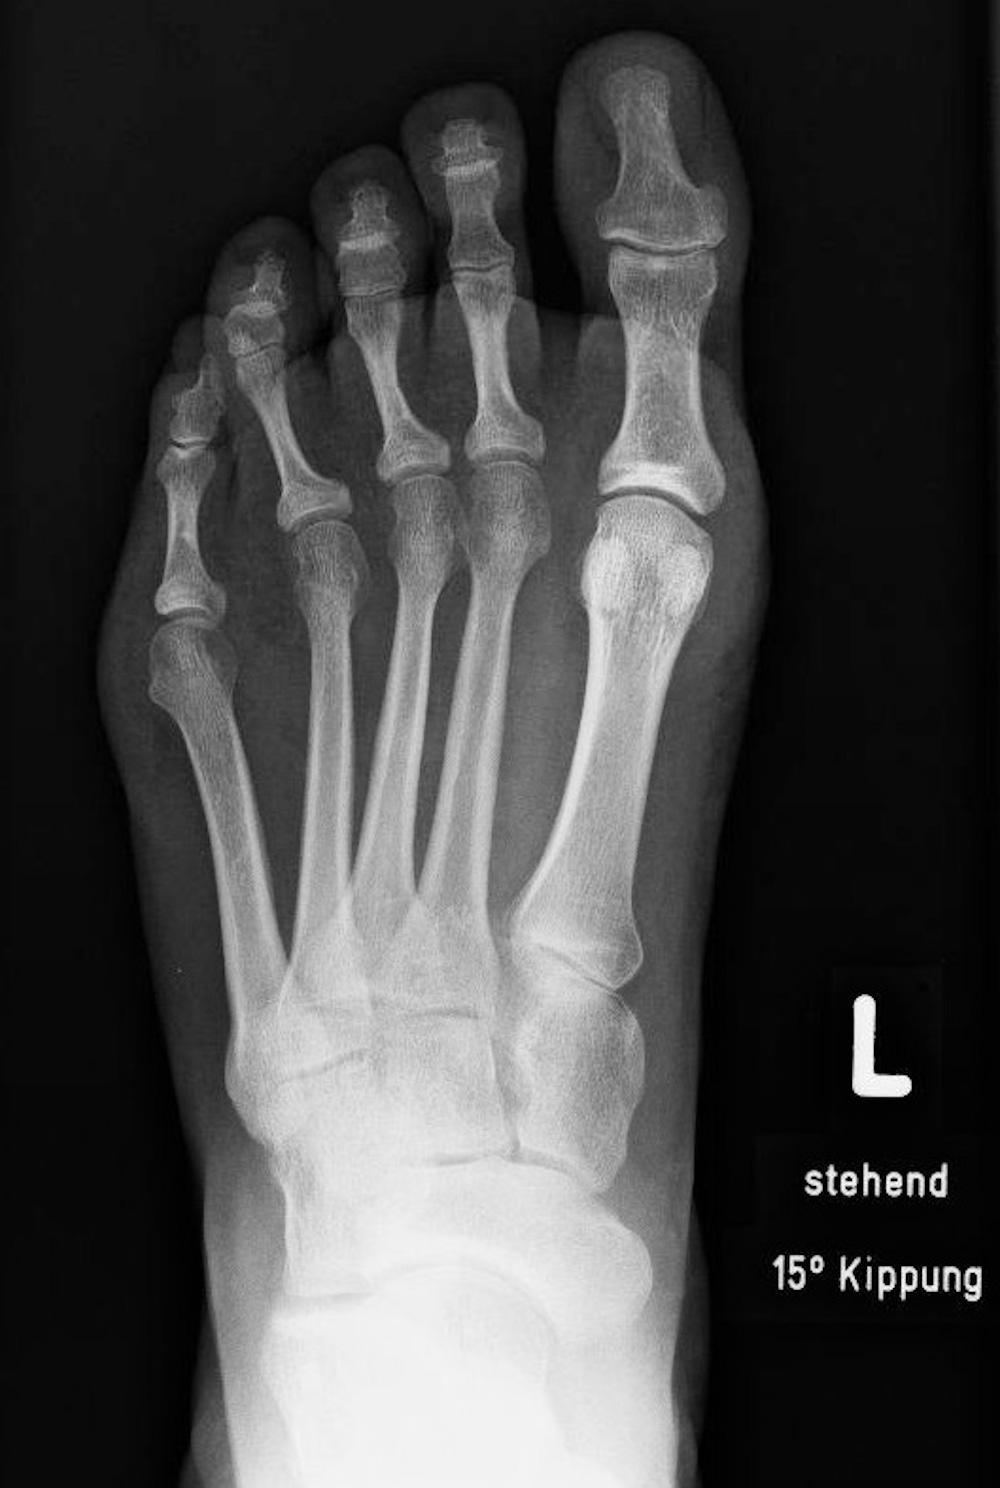 Im Vergleich dazu normales Röntgenbild mit gut erkennbarem Gelenkspalt des Großzehengrundgelenks.